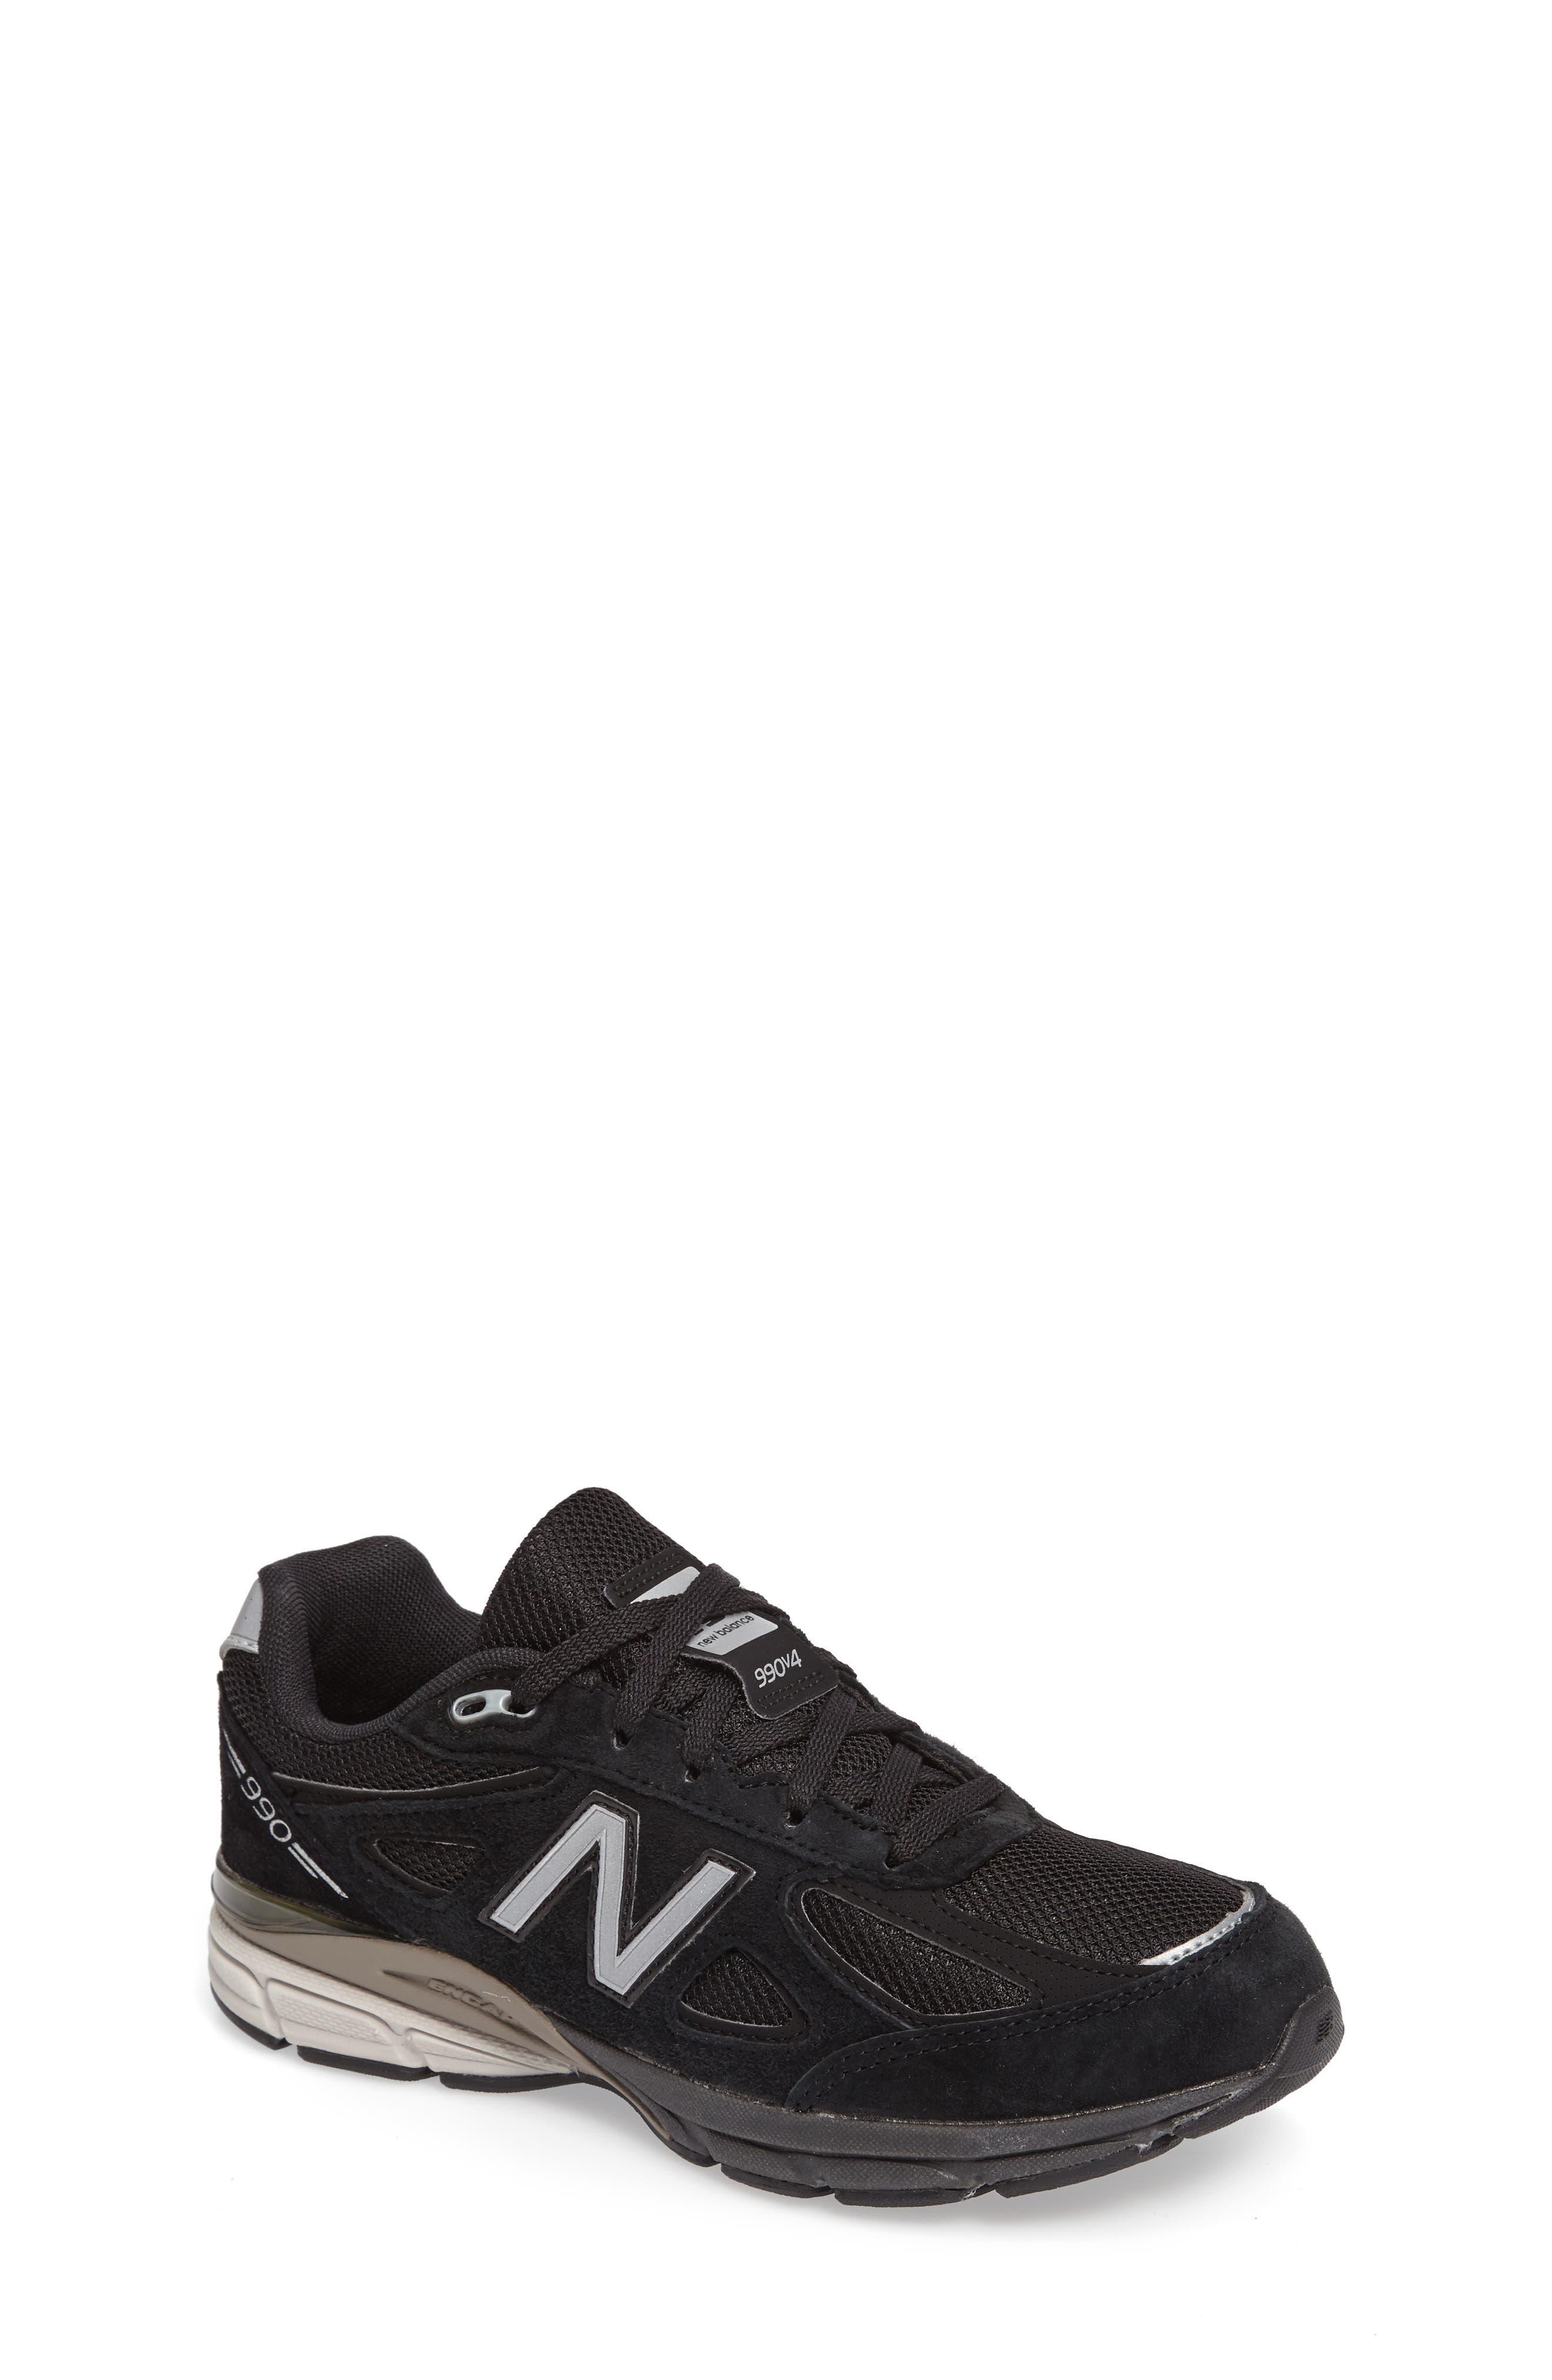 990v4 Sneaker,                         Main,                         color, 001